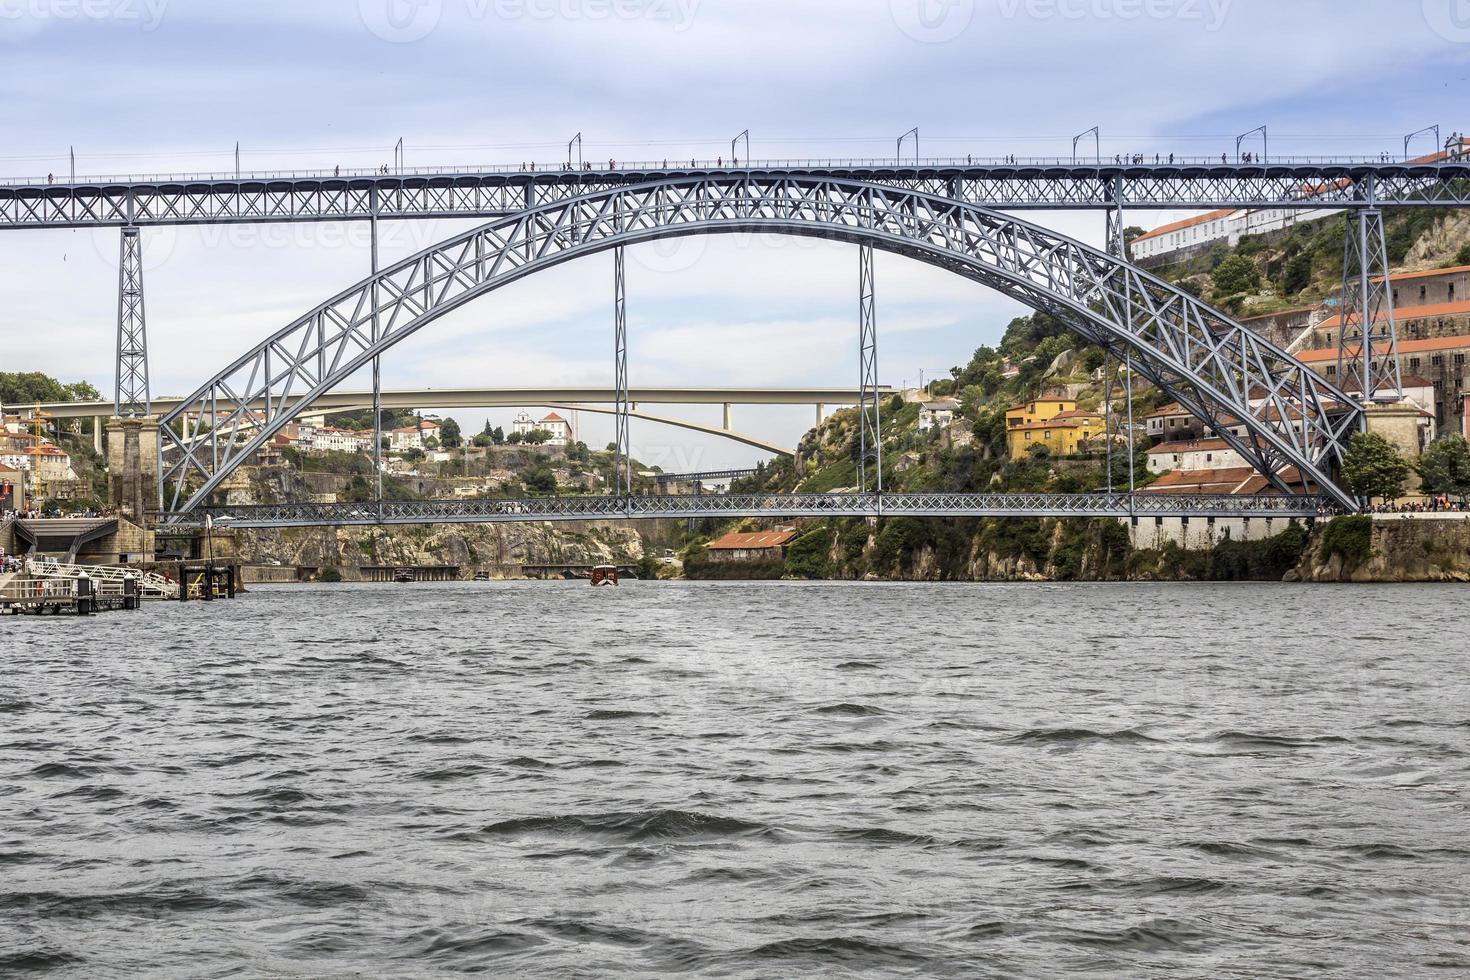 vista del puente dom luiz y la ribera del río gaia, paisaje urbano de porto. foto